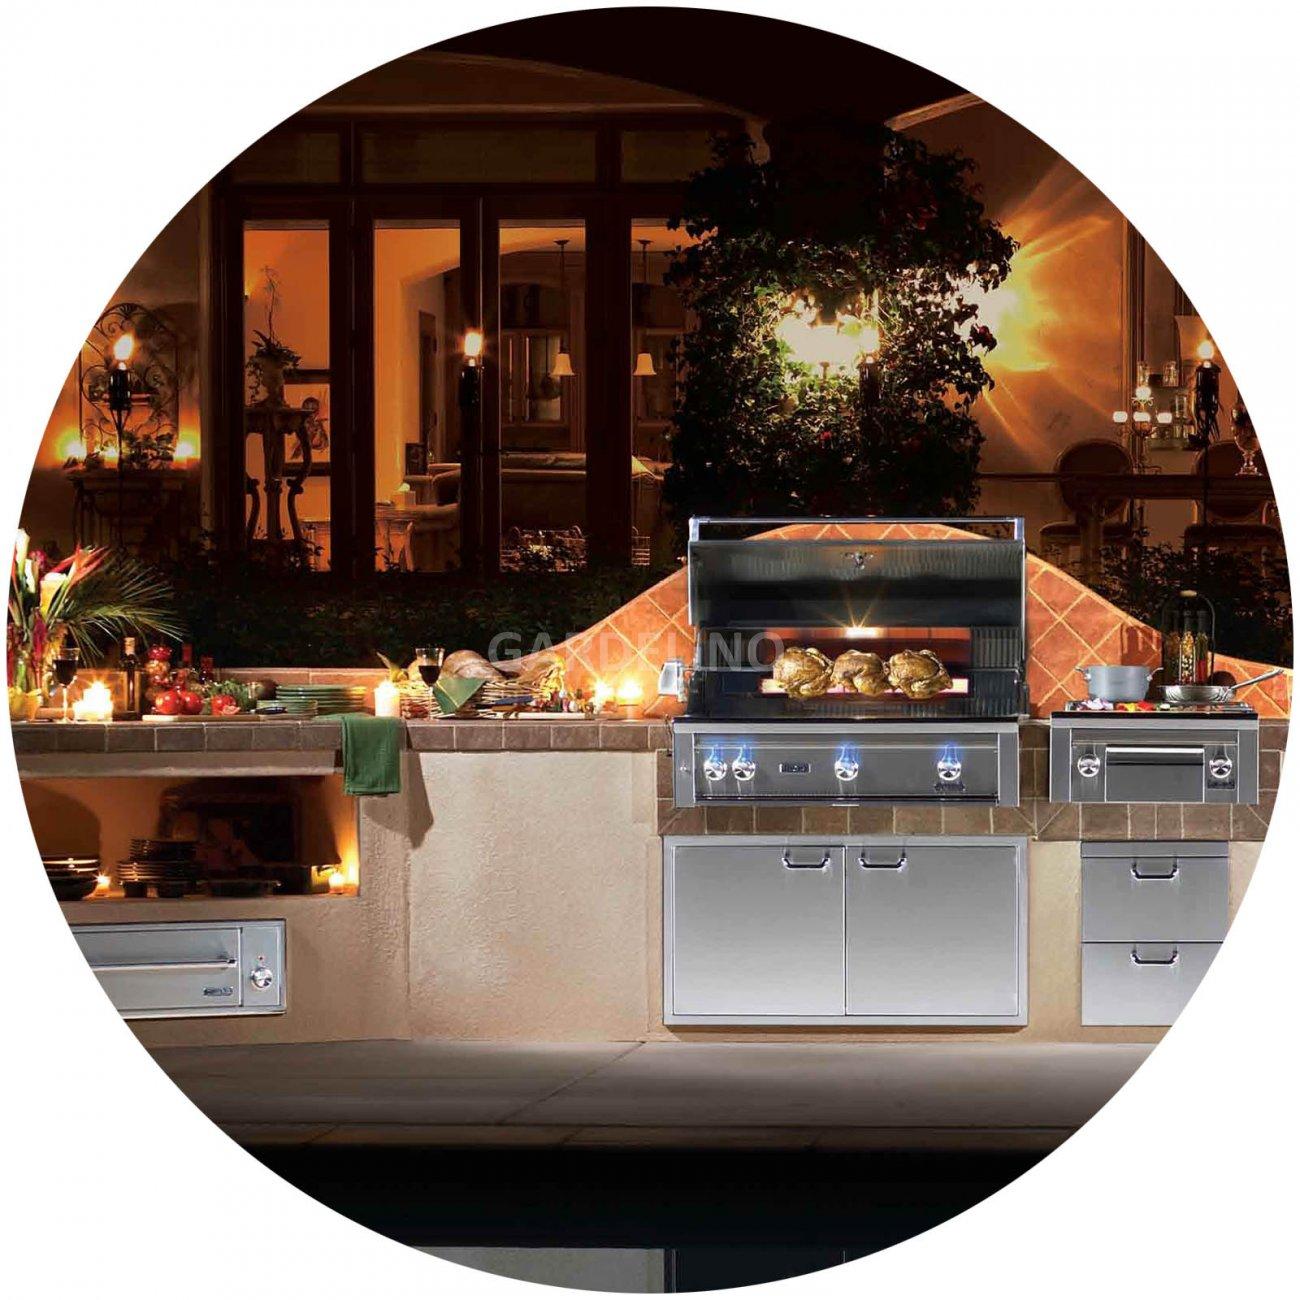 Fantastisch Dachte Außenküche Fotos - Ideen Für Die Küche Dekoration ...